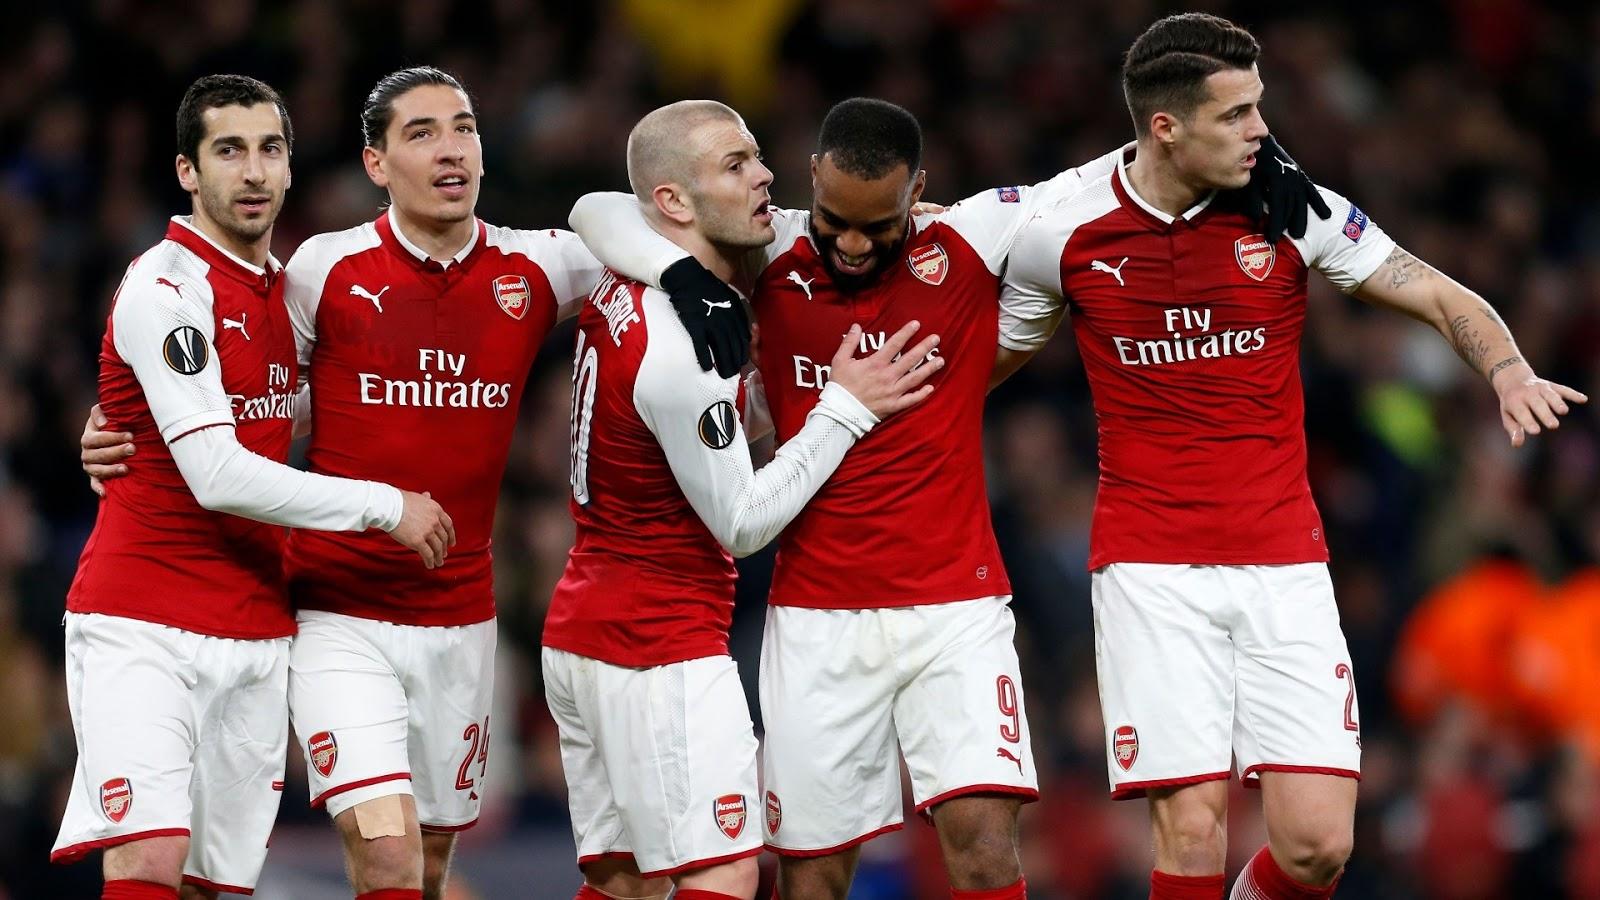 Lacazette-viet-tiep-tham-vong-cua-Arsenal-tai-Europa-League